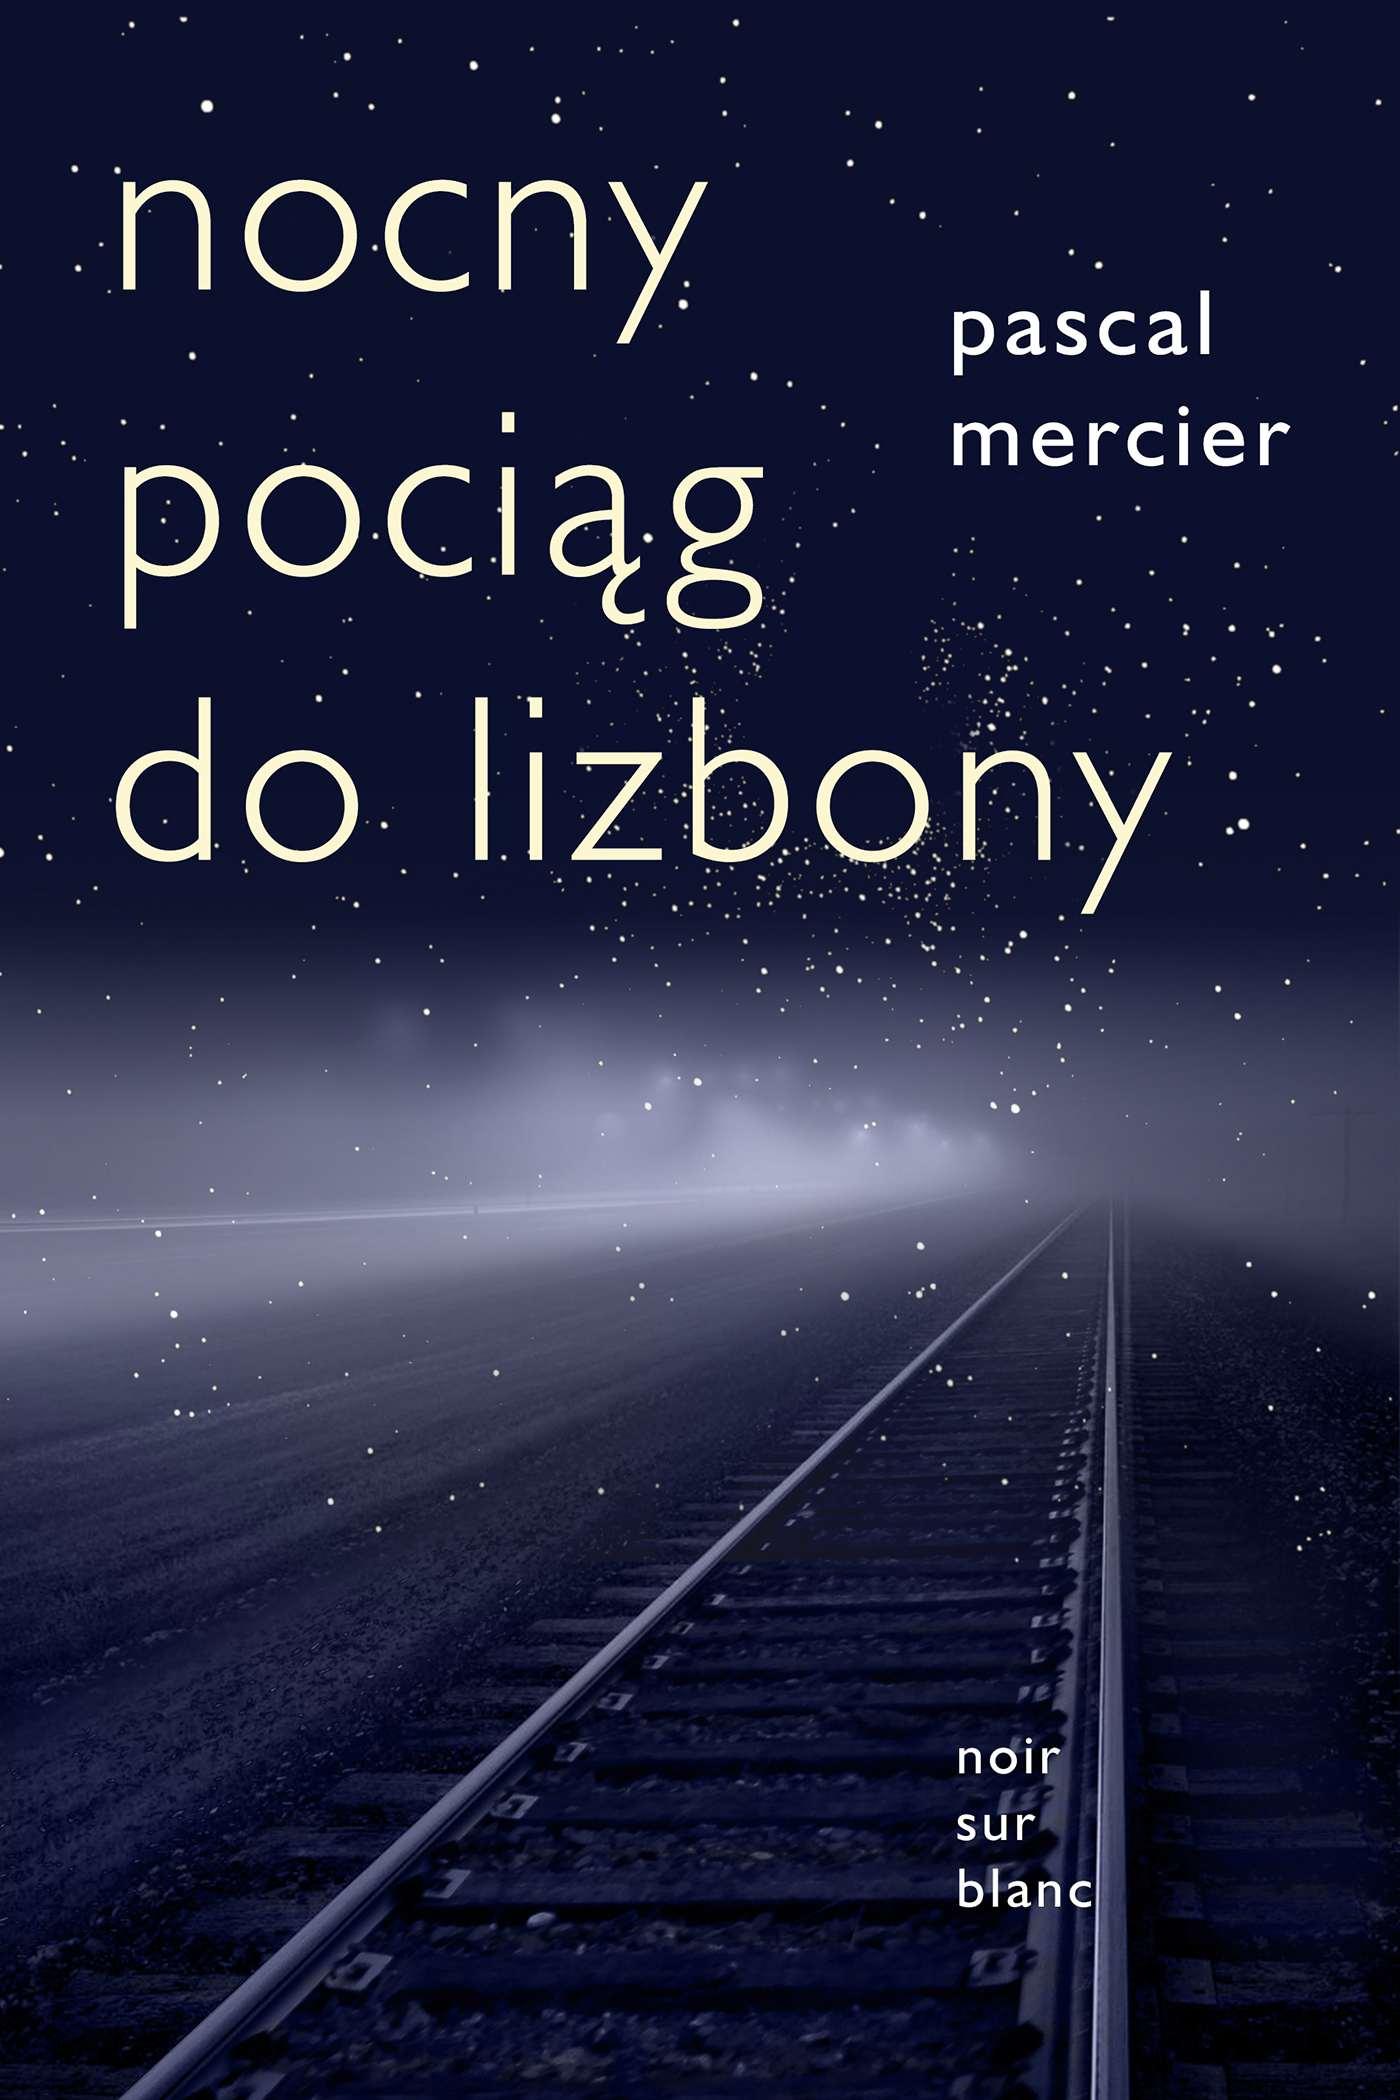 Nocny pociąg do Lizbony - Ebook (Książka na Kindle) do pobrania w formacie MOBI